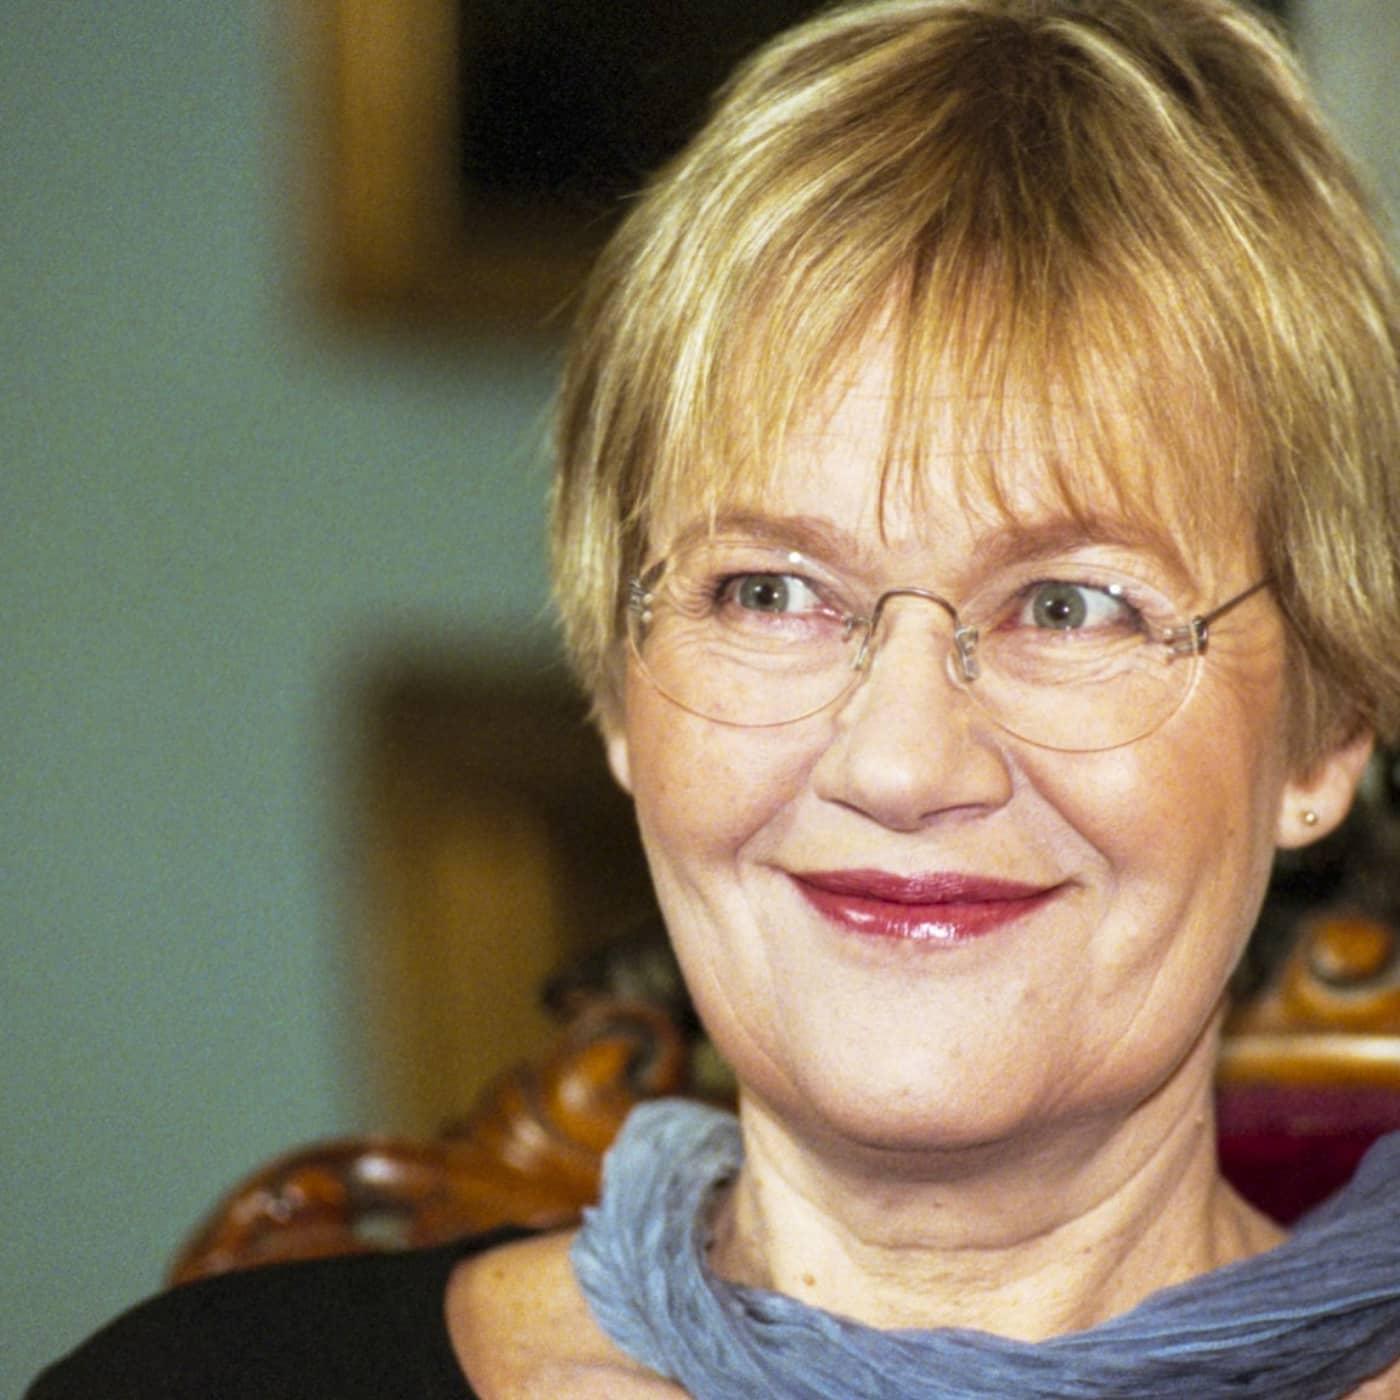 Månadens diktare: Tua Forsström